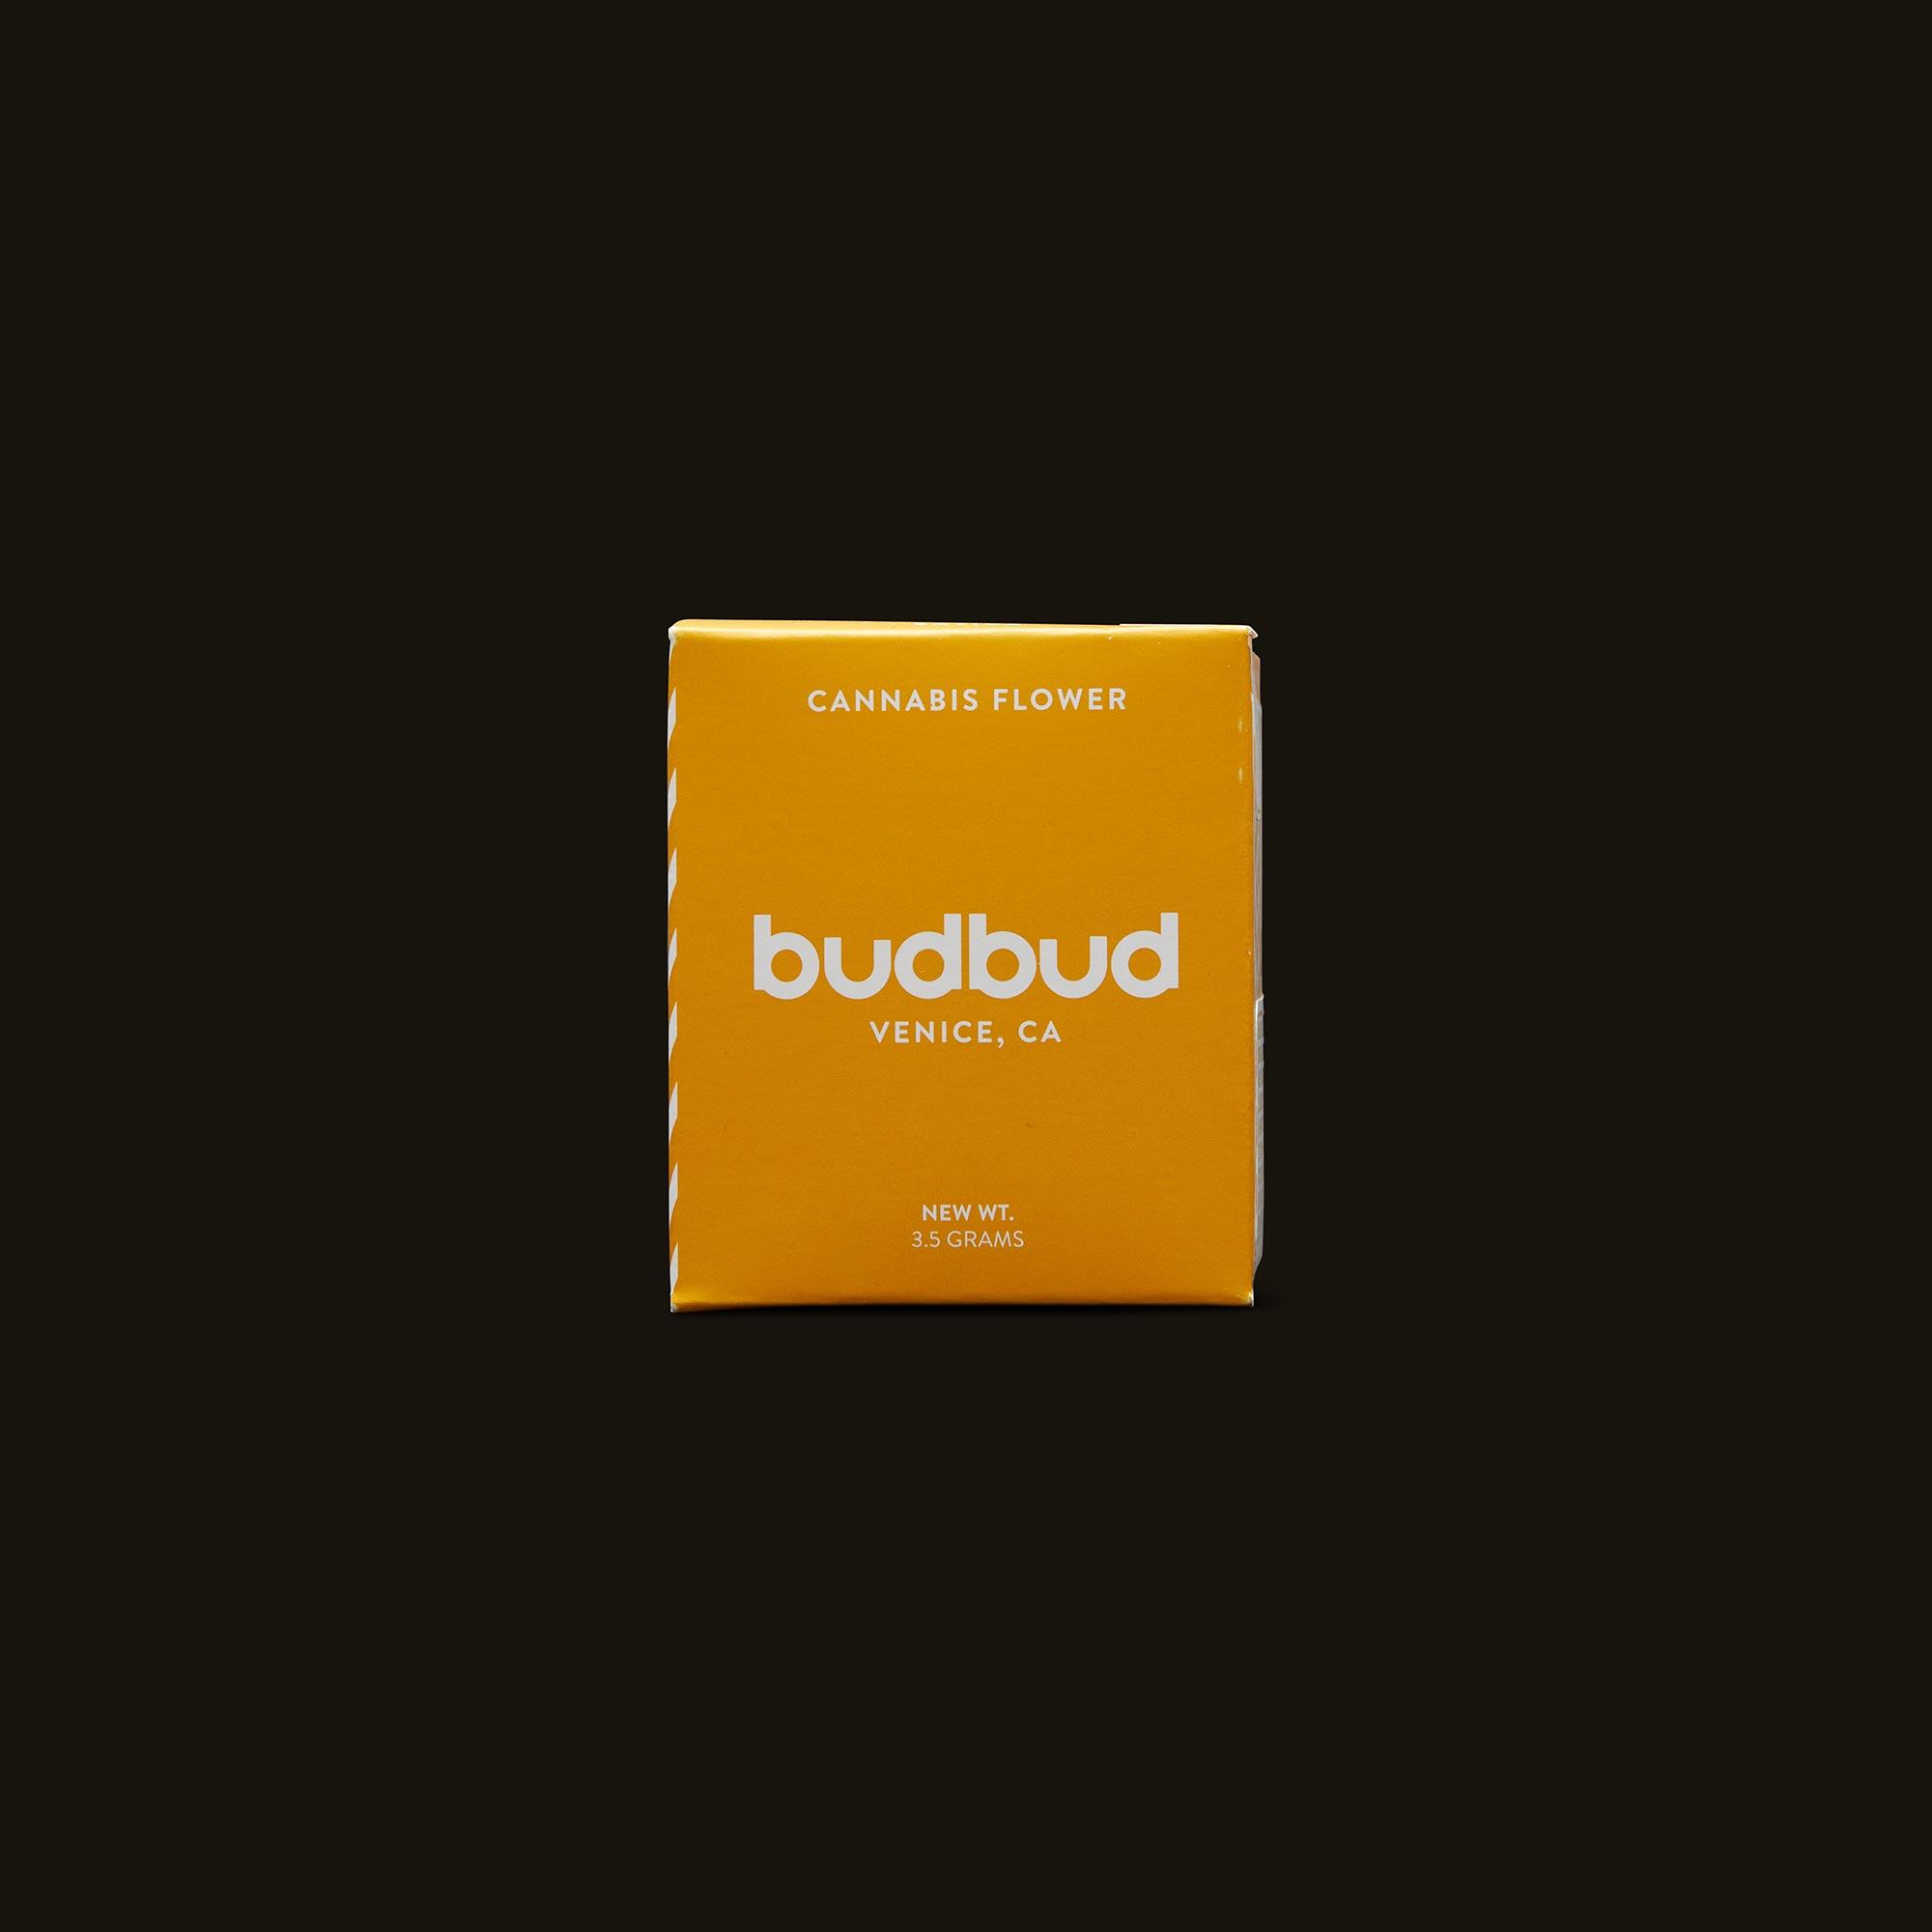 budbud Lamb's Bread Front of Box